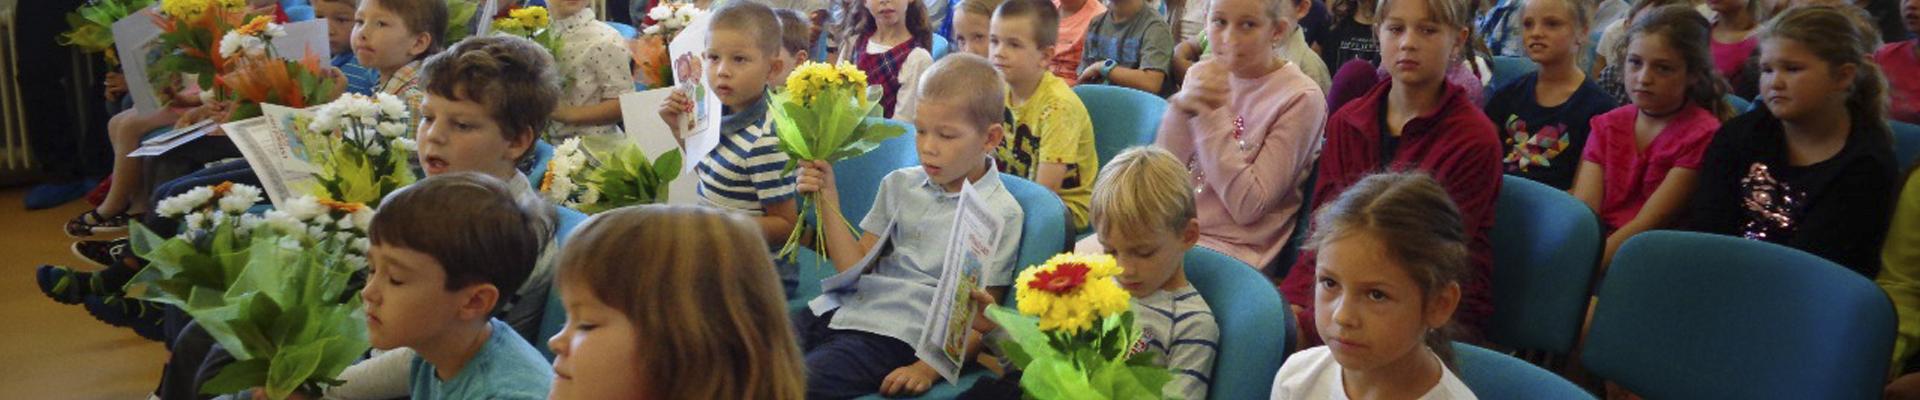 Výchova a vzdělávání probíhá </br>v bezpečném a tvořivém prostředí školy